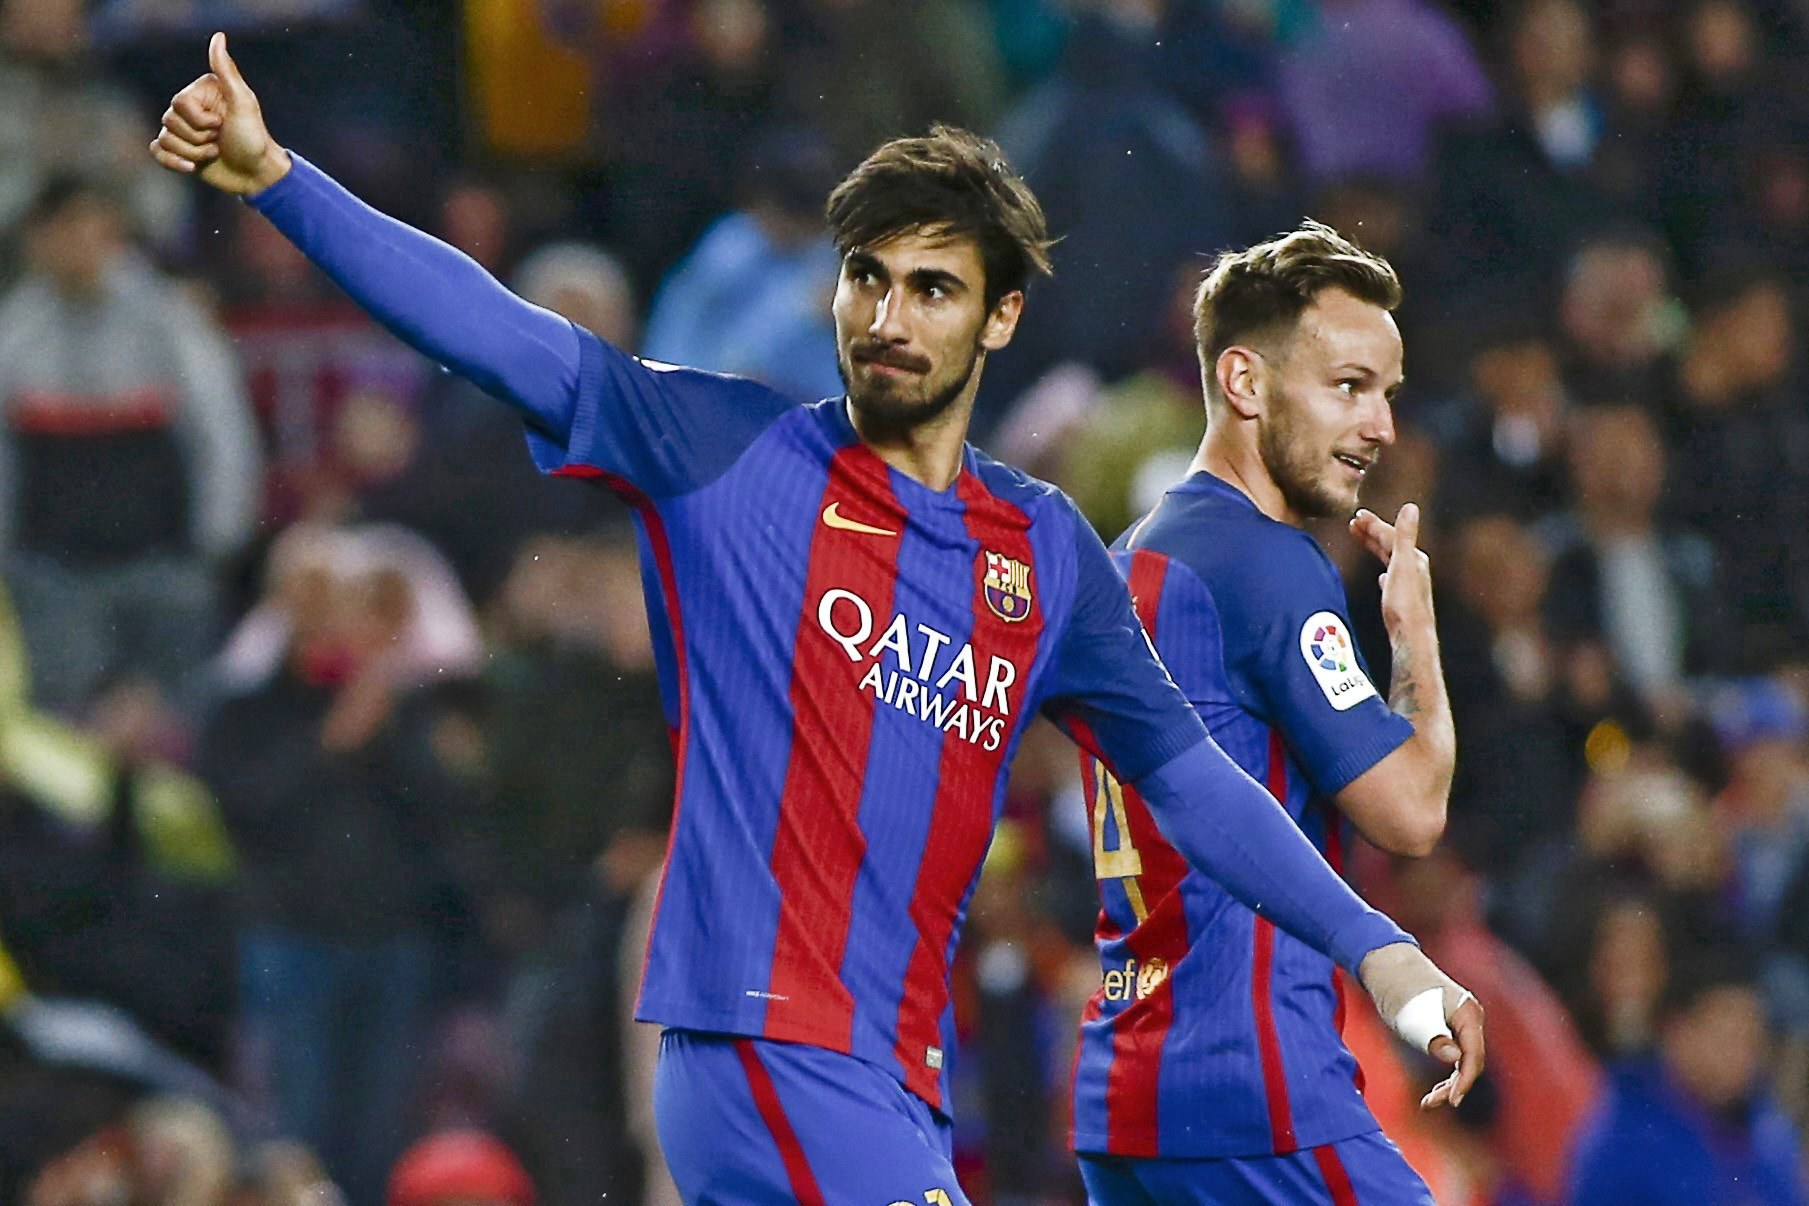 Barcelona marcou 7, André Gomes 2, mas na história fica o golo de Mascherano